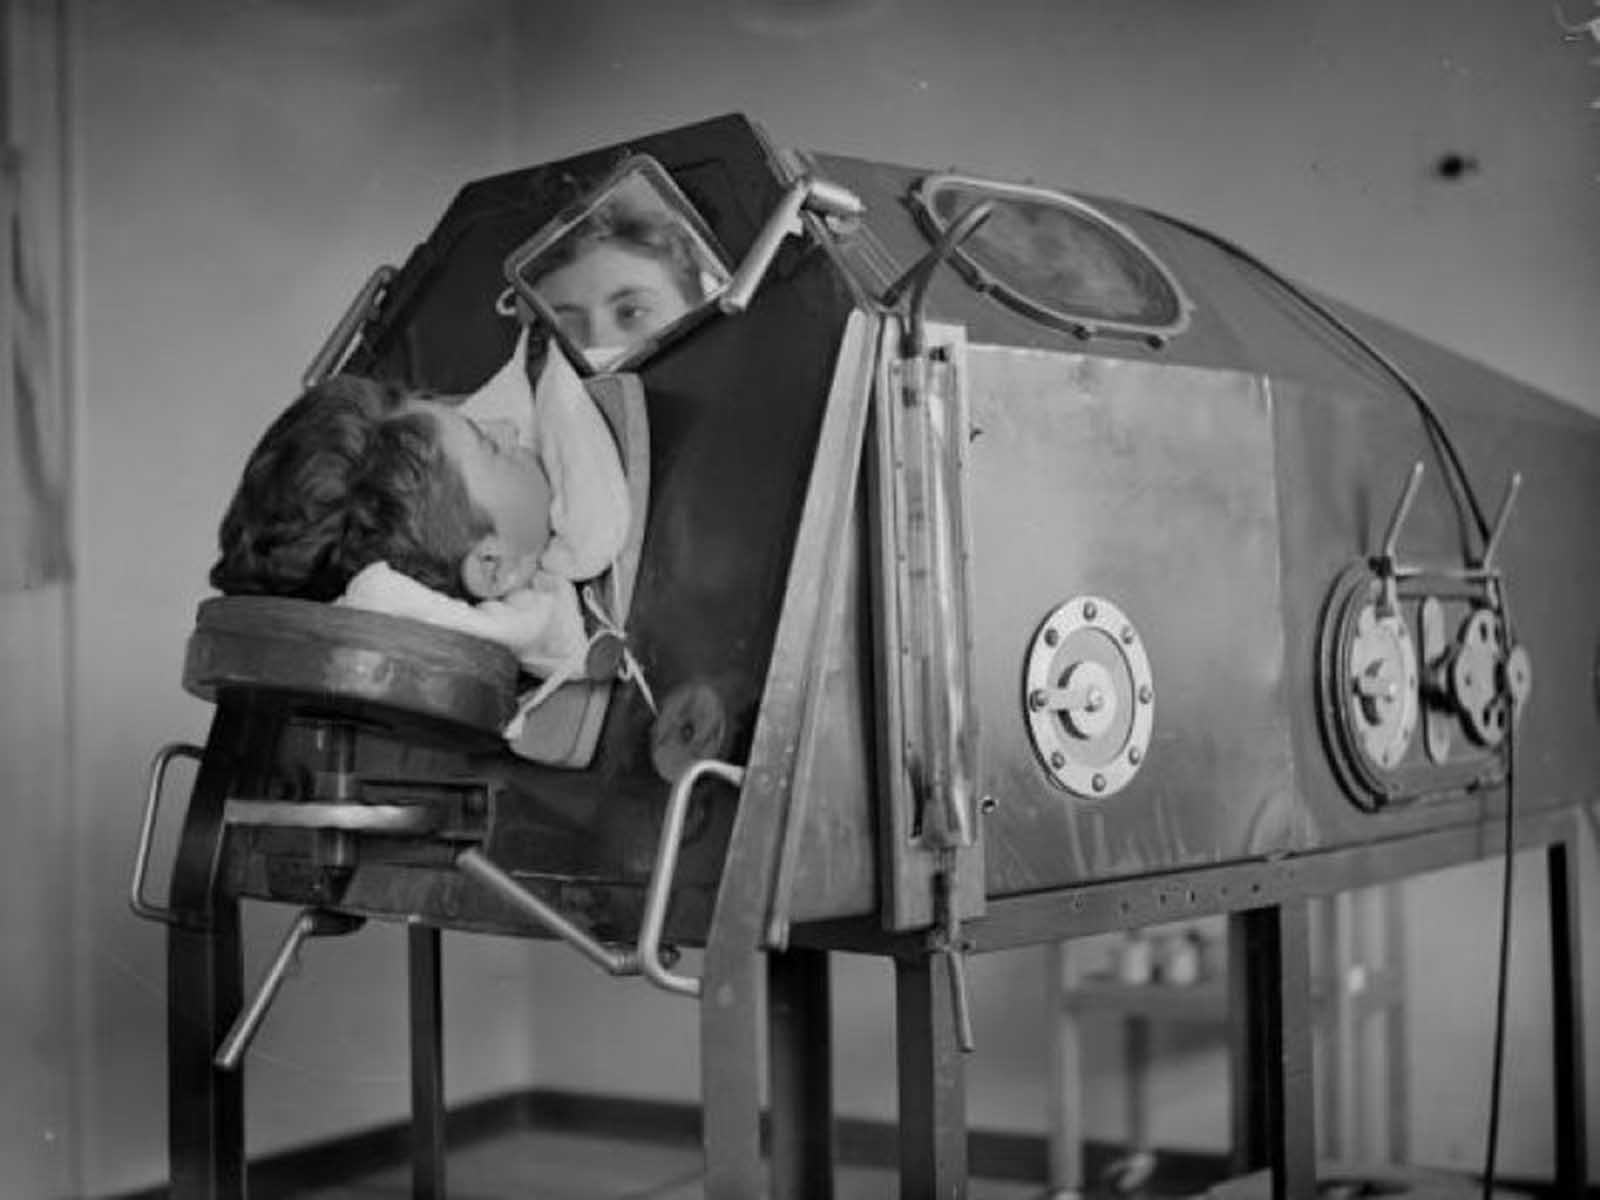 Un paciente acostado en una máquina de respiración artificial llamada pulmón de hierro, alrededor de 1938.